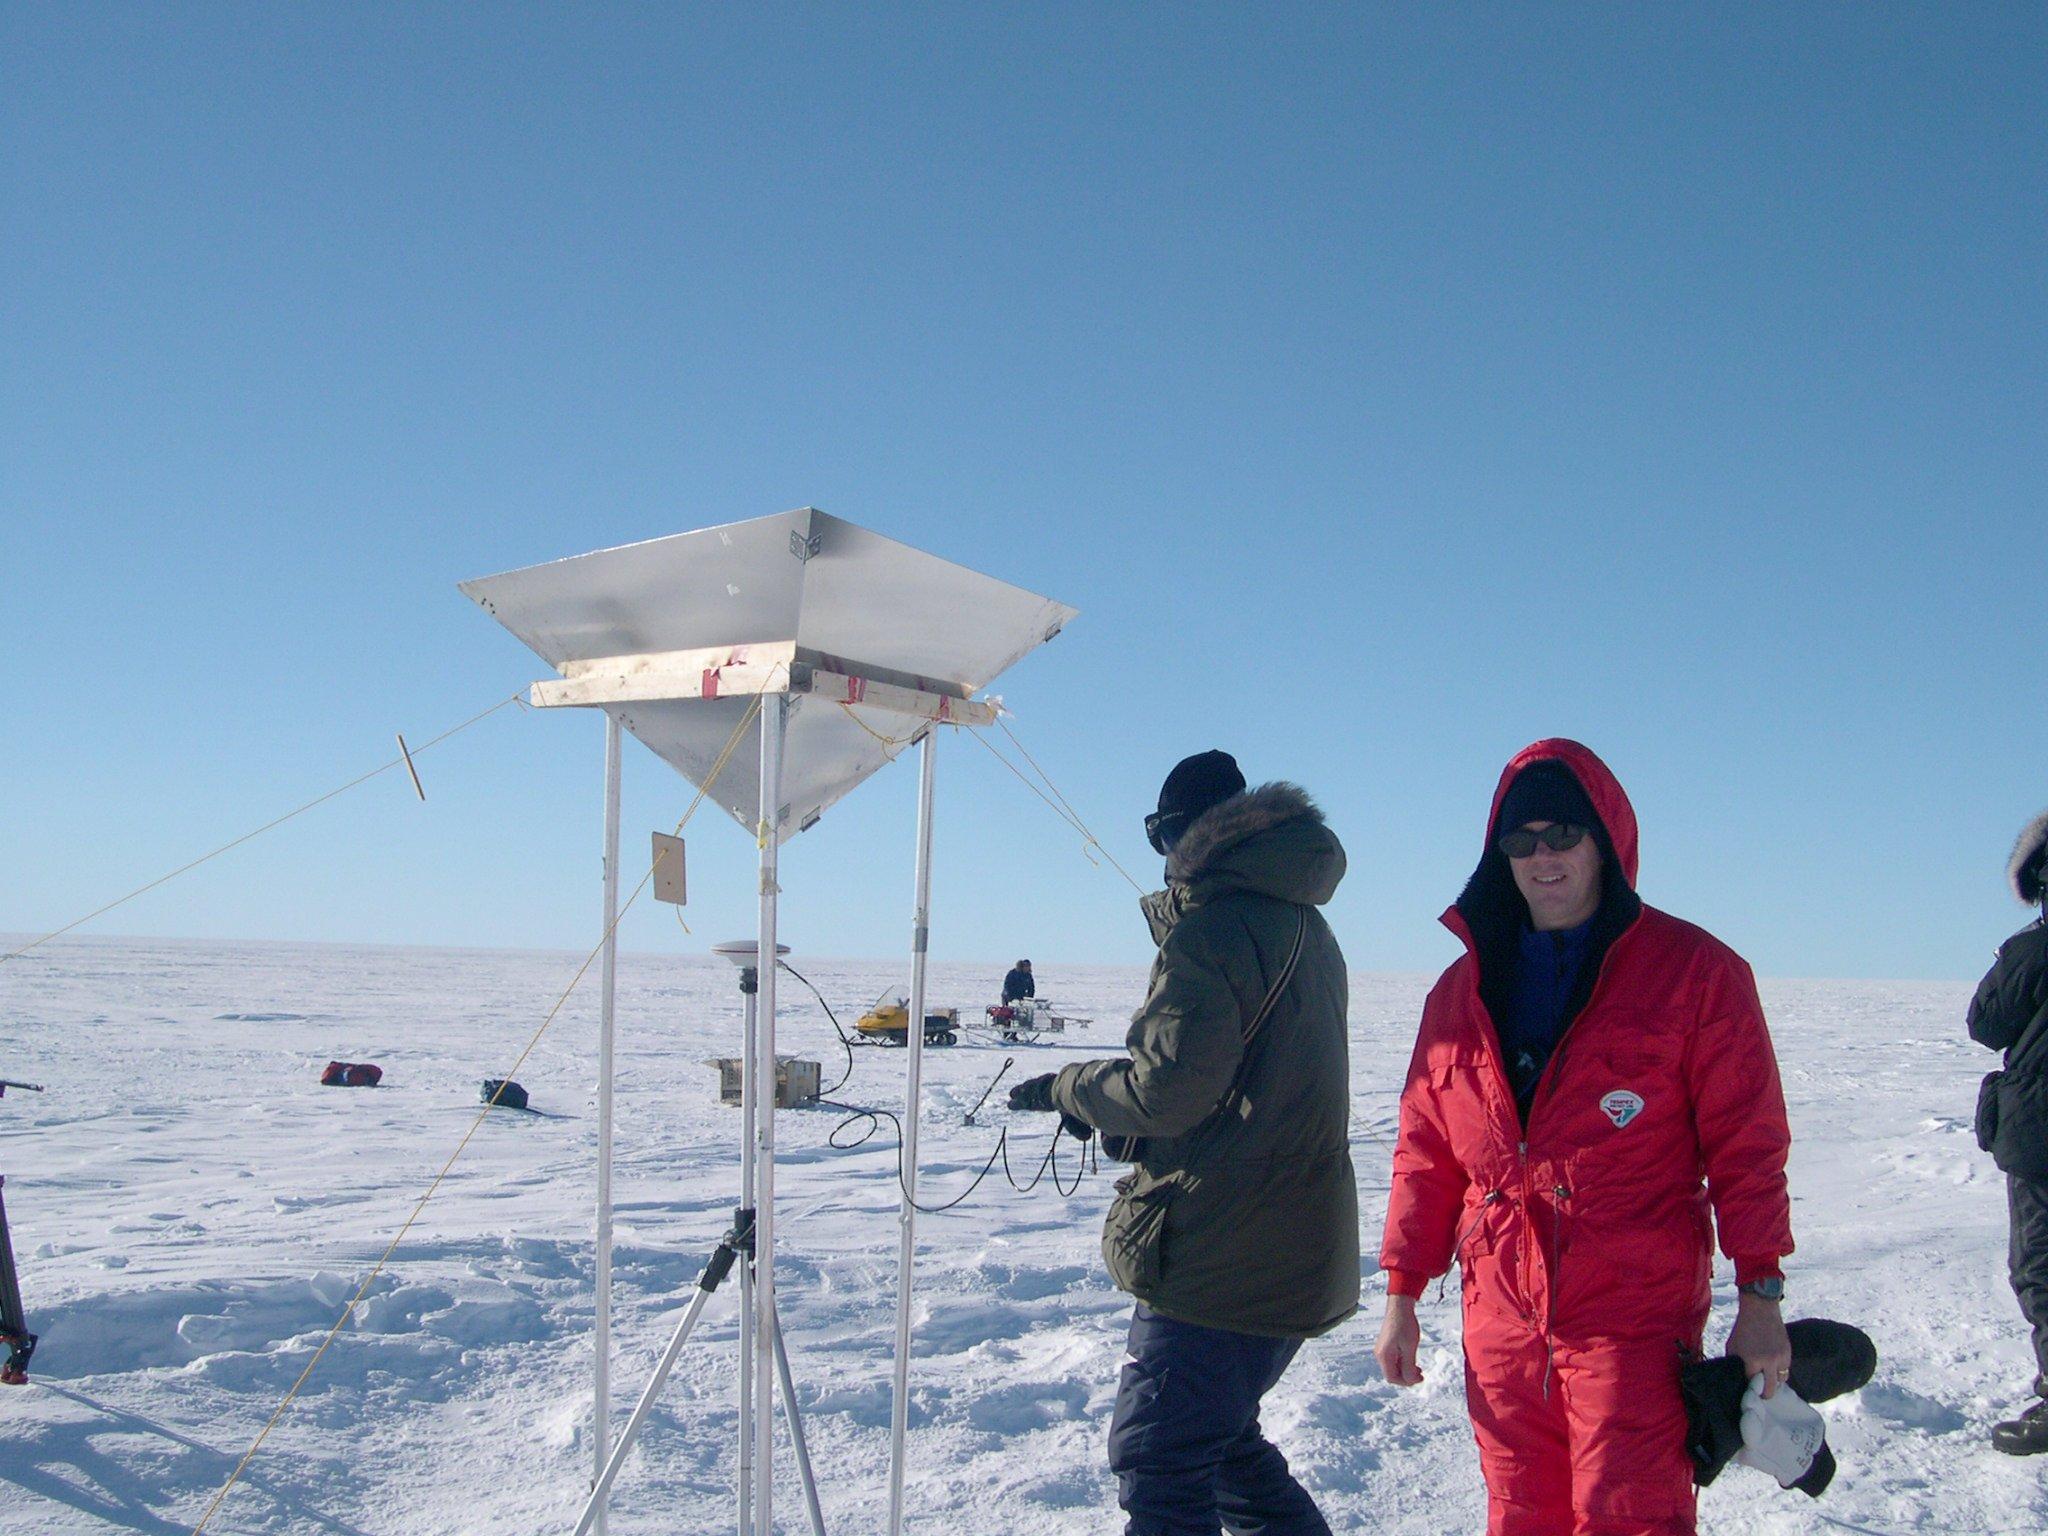 Forscher messen die Eisschmelze auf Grönland: Das Schmelzen der Gletscher auf Grönland wird den Anstieg des Meeresspiegels noch beschleunigen.